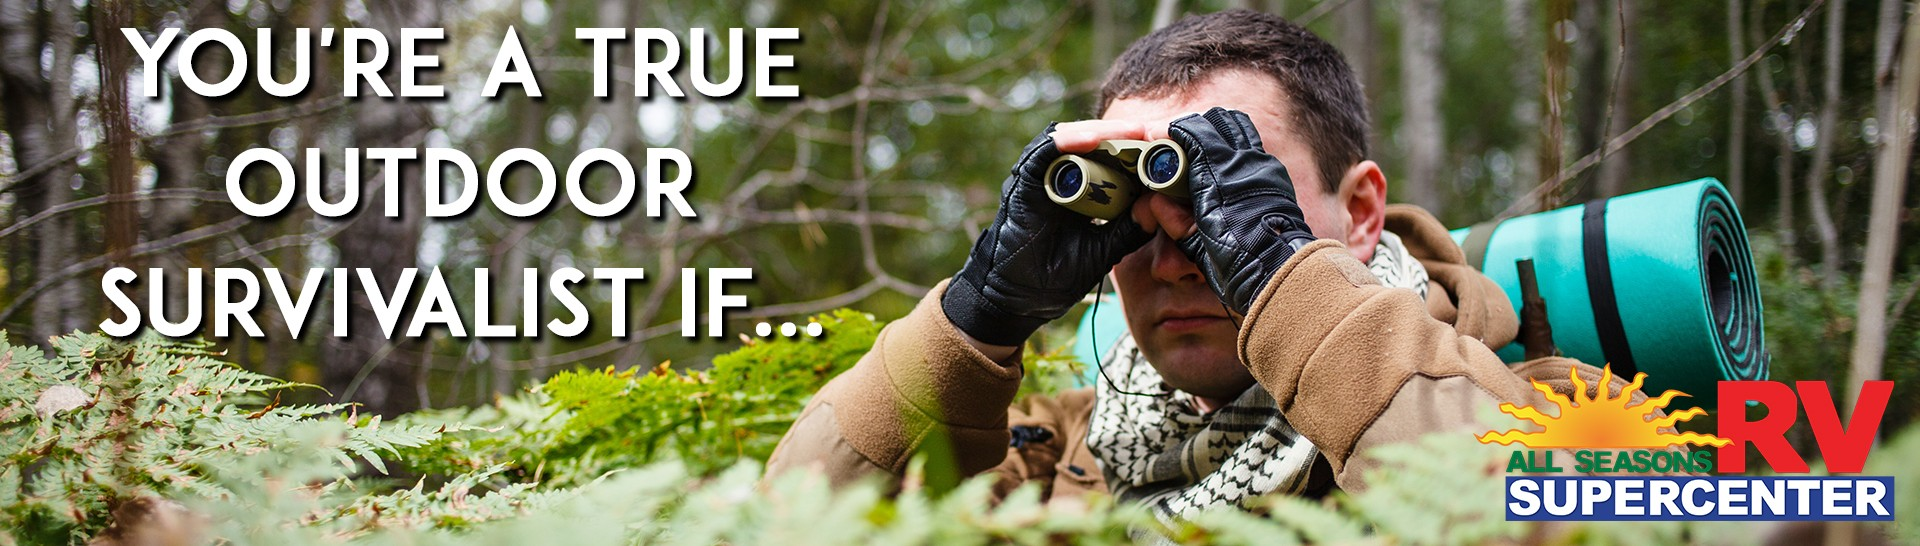 youre a true outdoor survivalist if